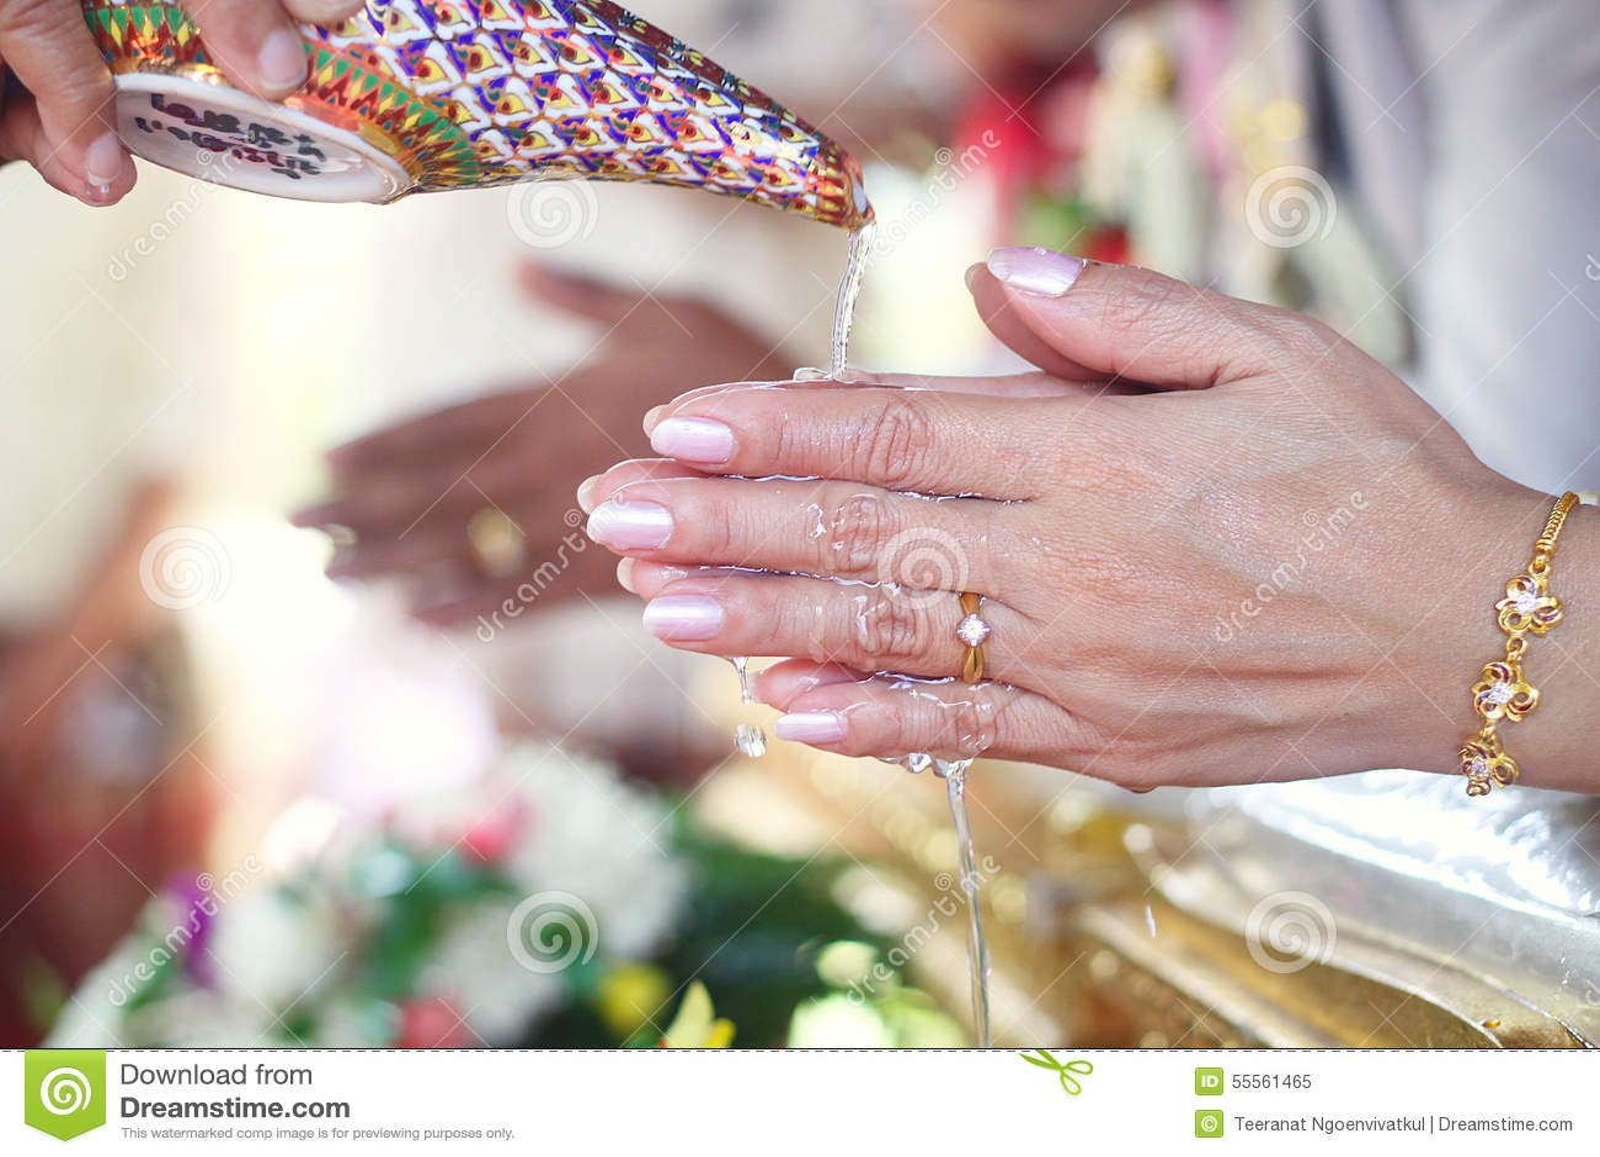 ca331c52ab30 Mano di una sposa che riceve l acqua di benedizione acqua santa dagli  anziani nella cerimonia di nozze tailandese della cultura